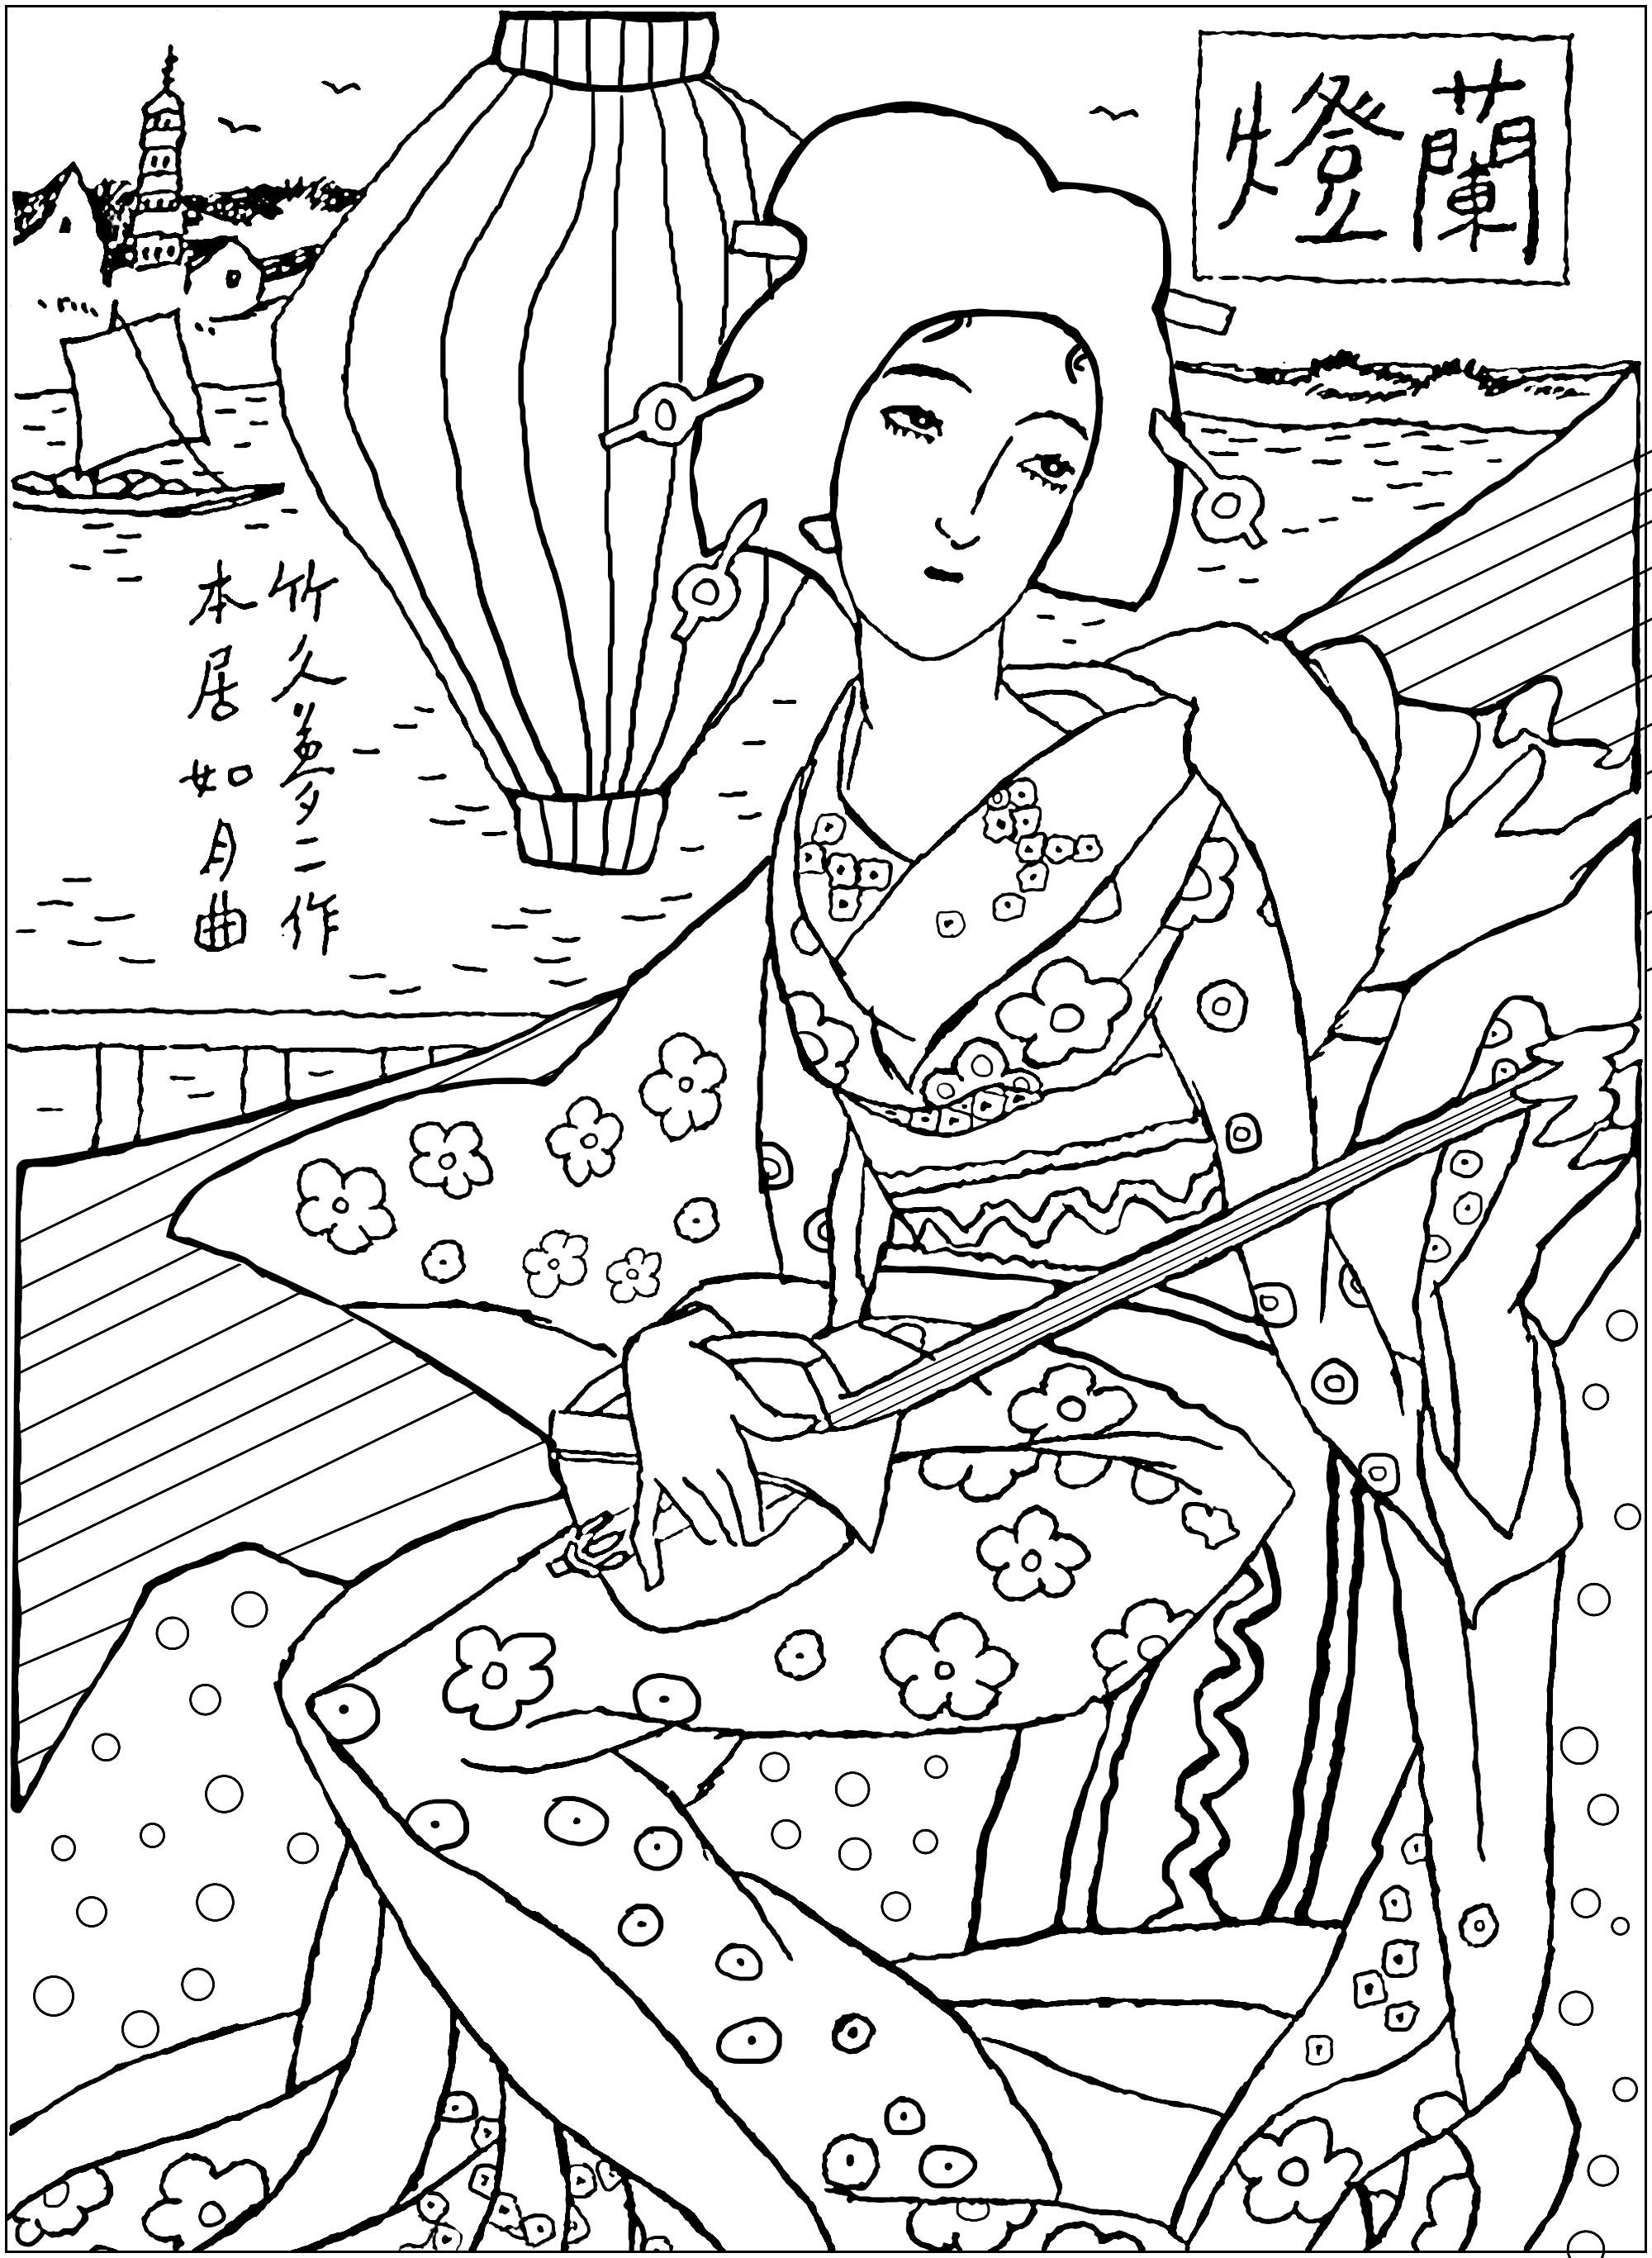 Dessin original créé à partir d'une peinture traditionnelle représentant une Geisha